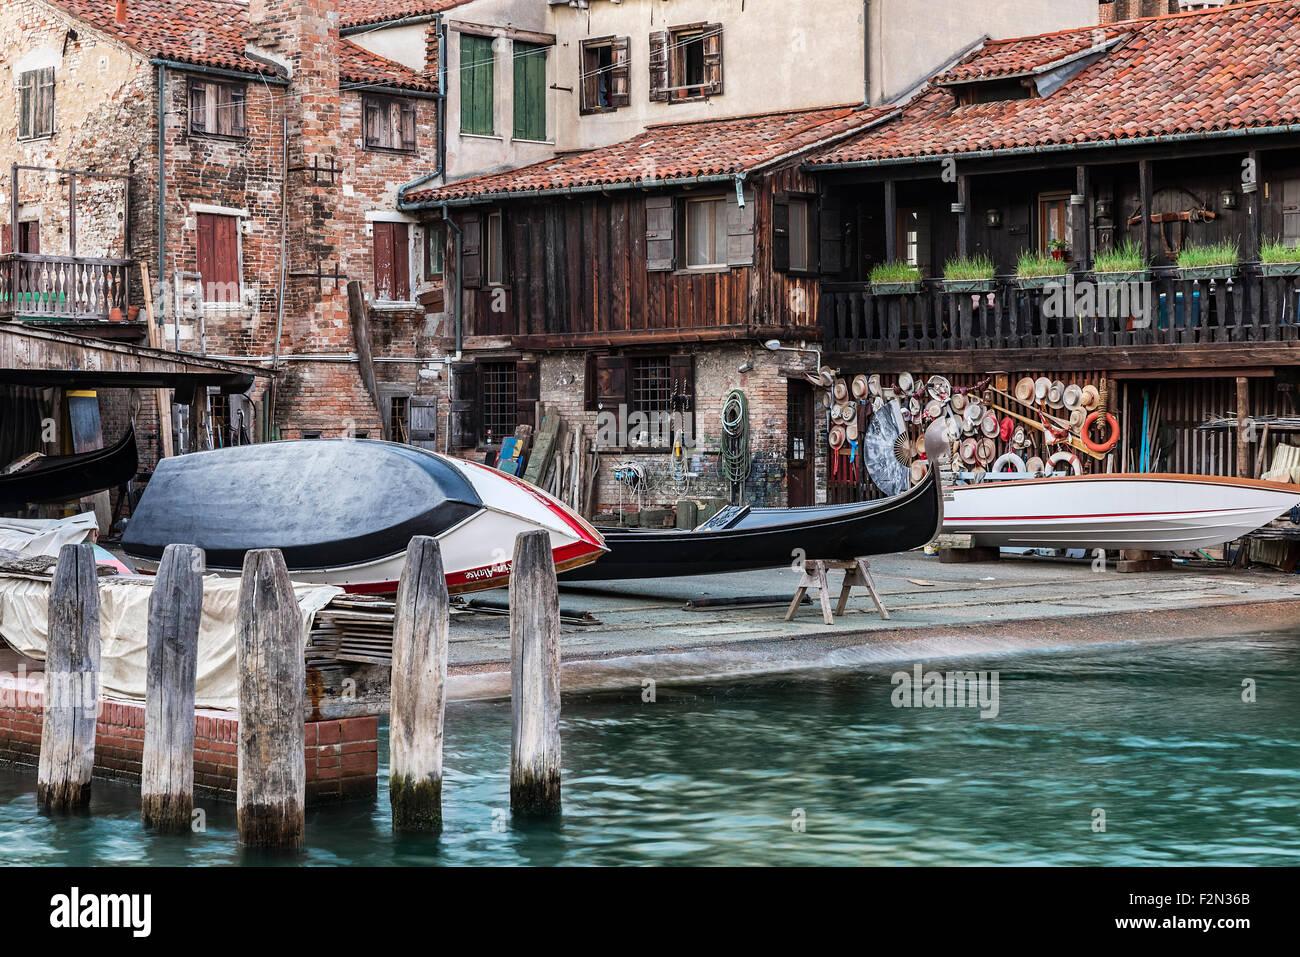 The squero di San Trovaso gondola boatyard, Venice, Italy - Stock Image